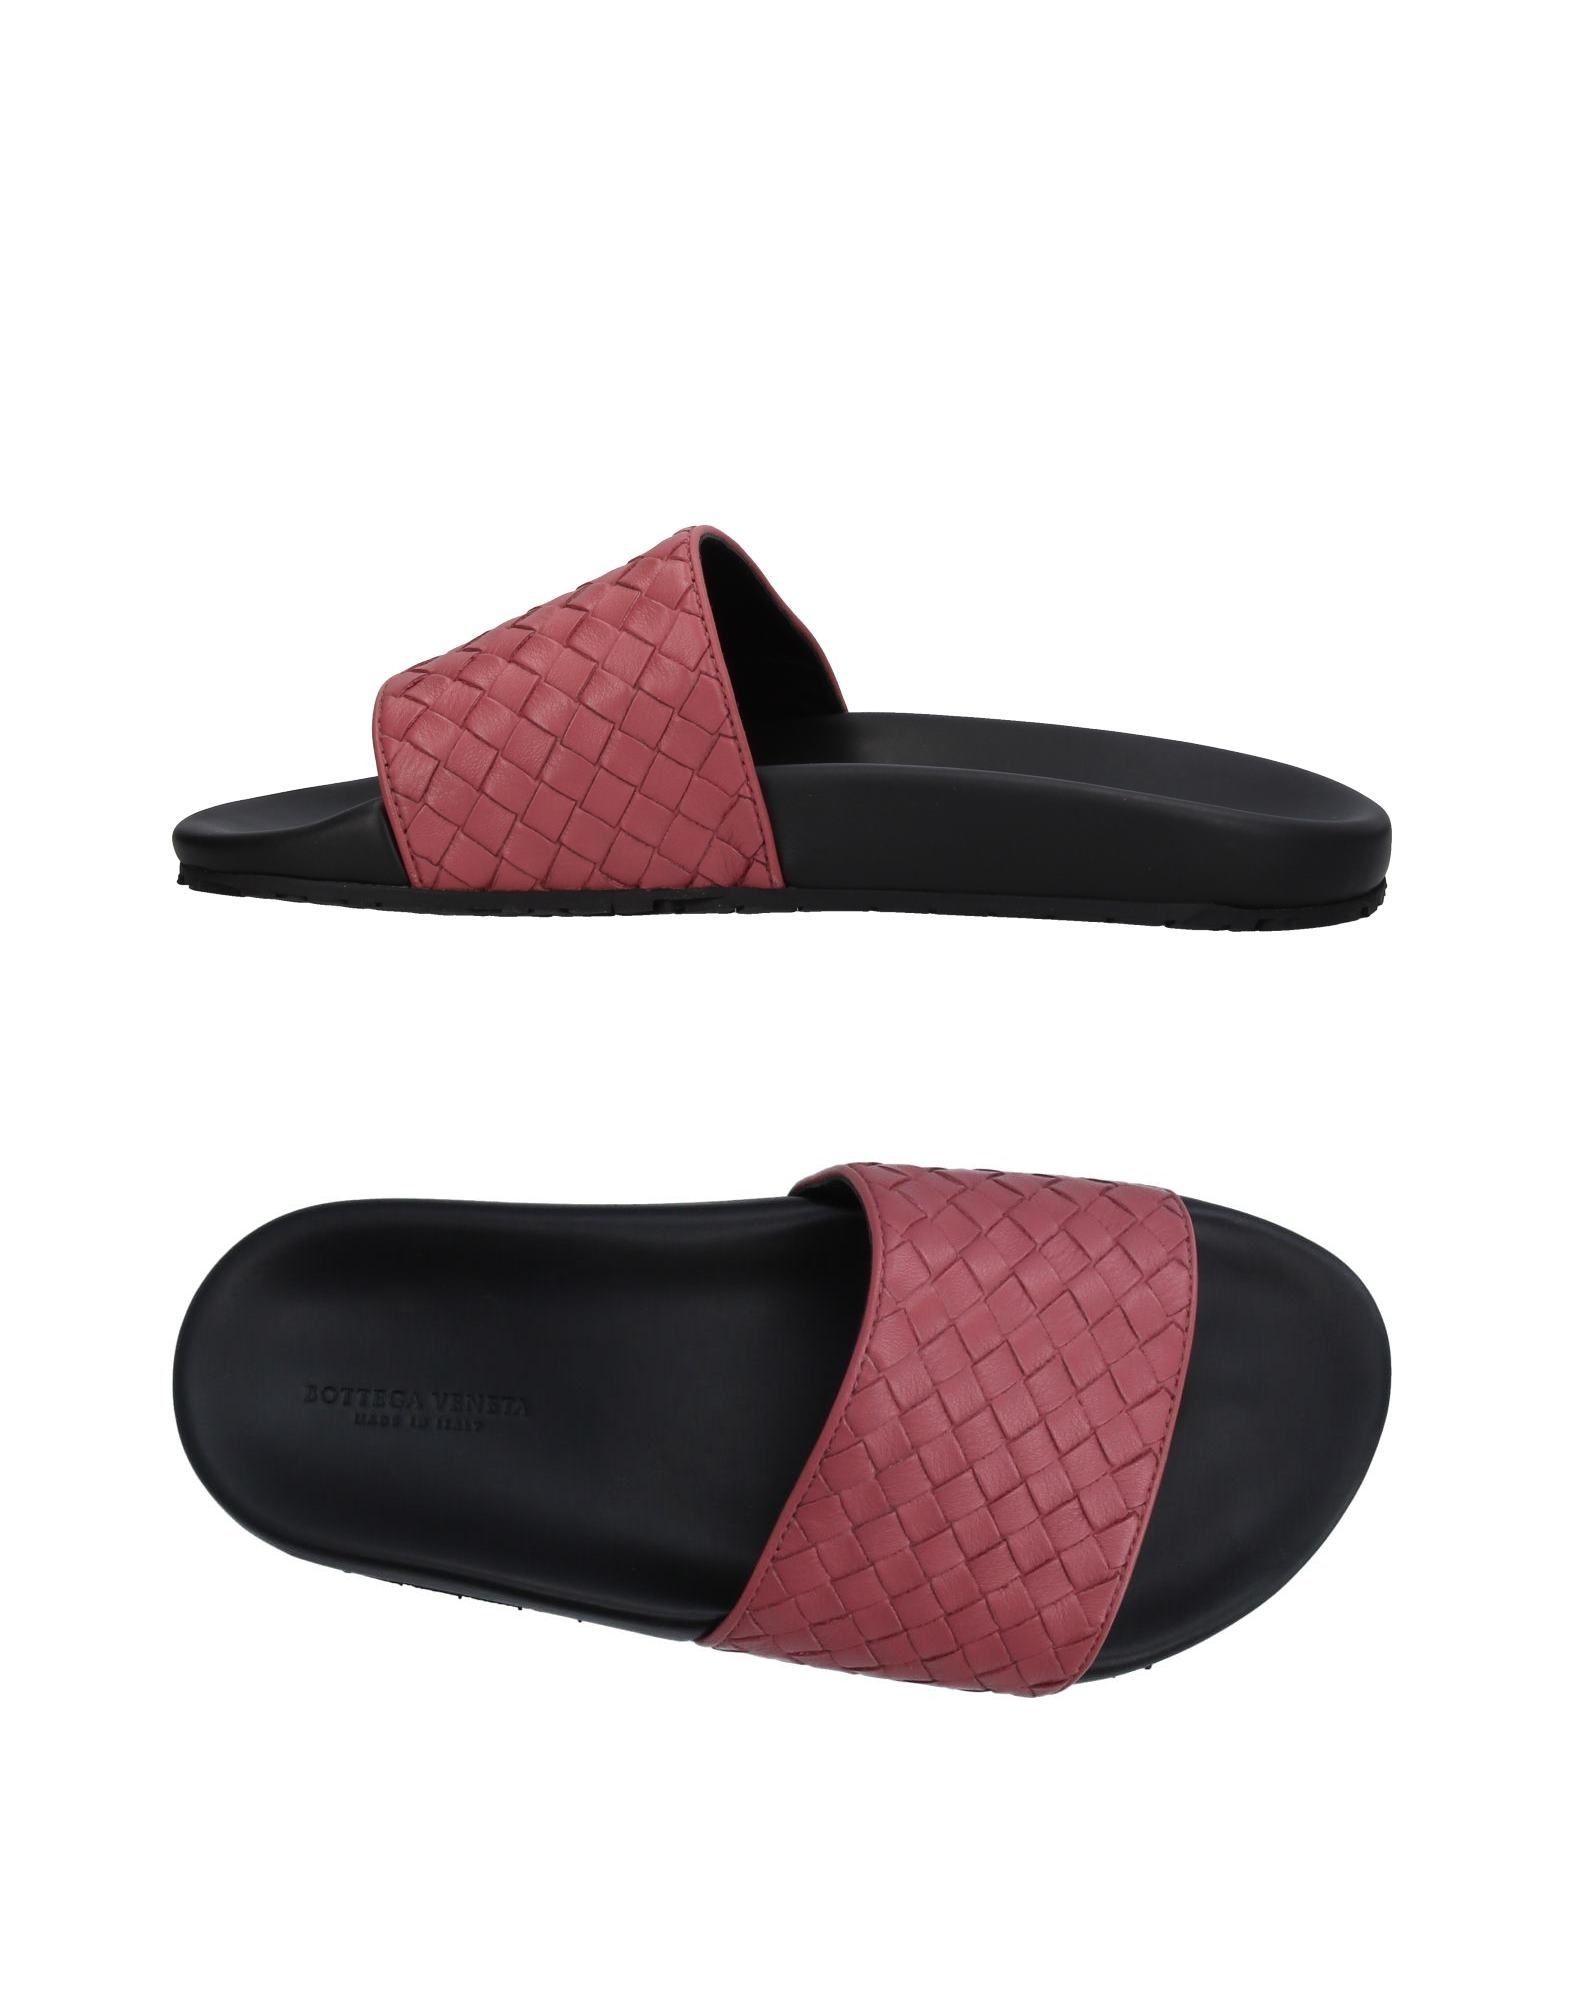 Bottega Veneta Leathers Sandals